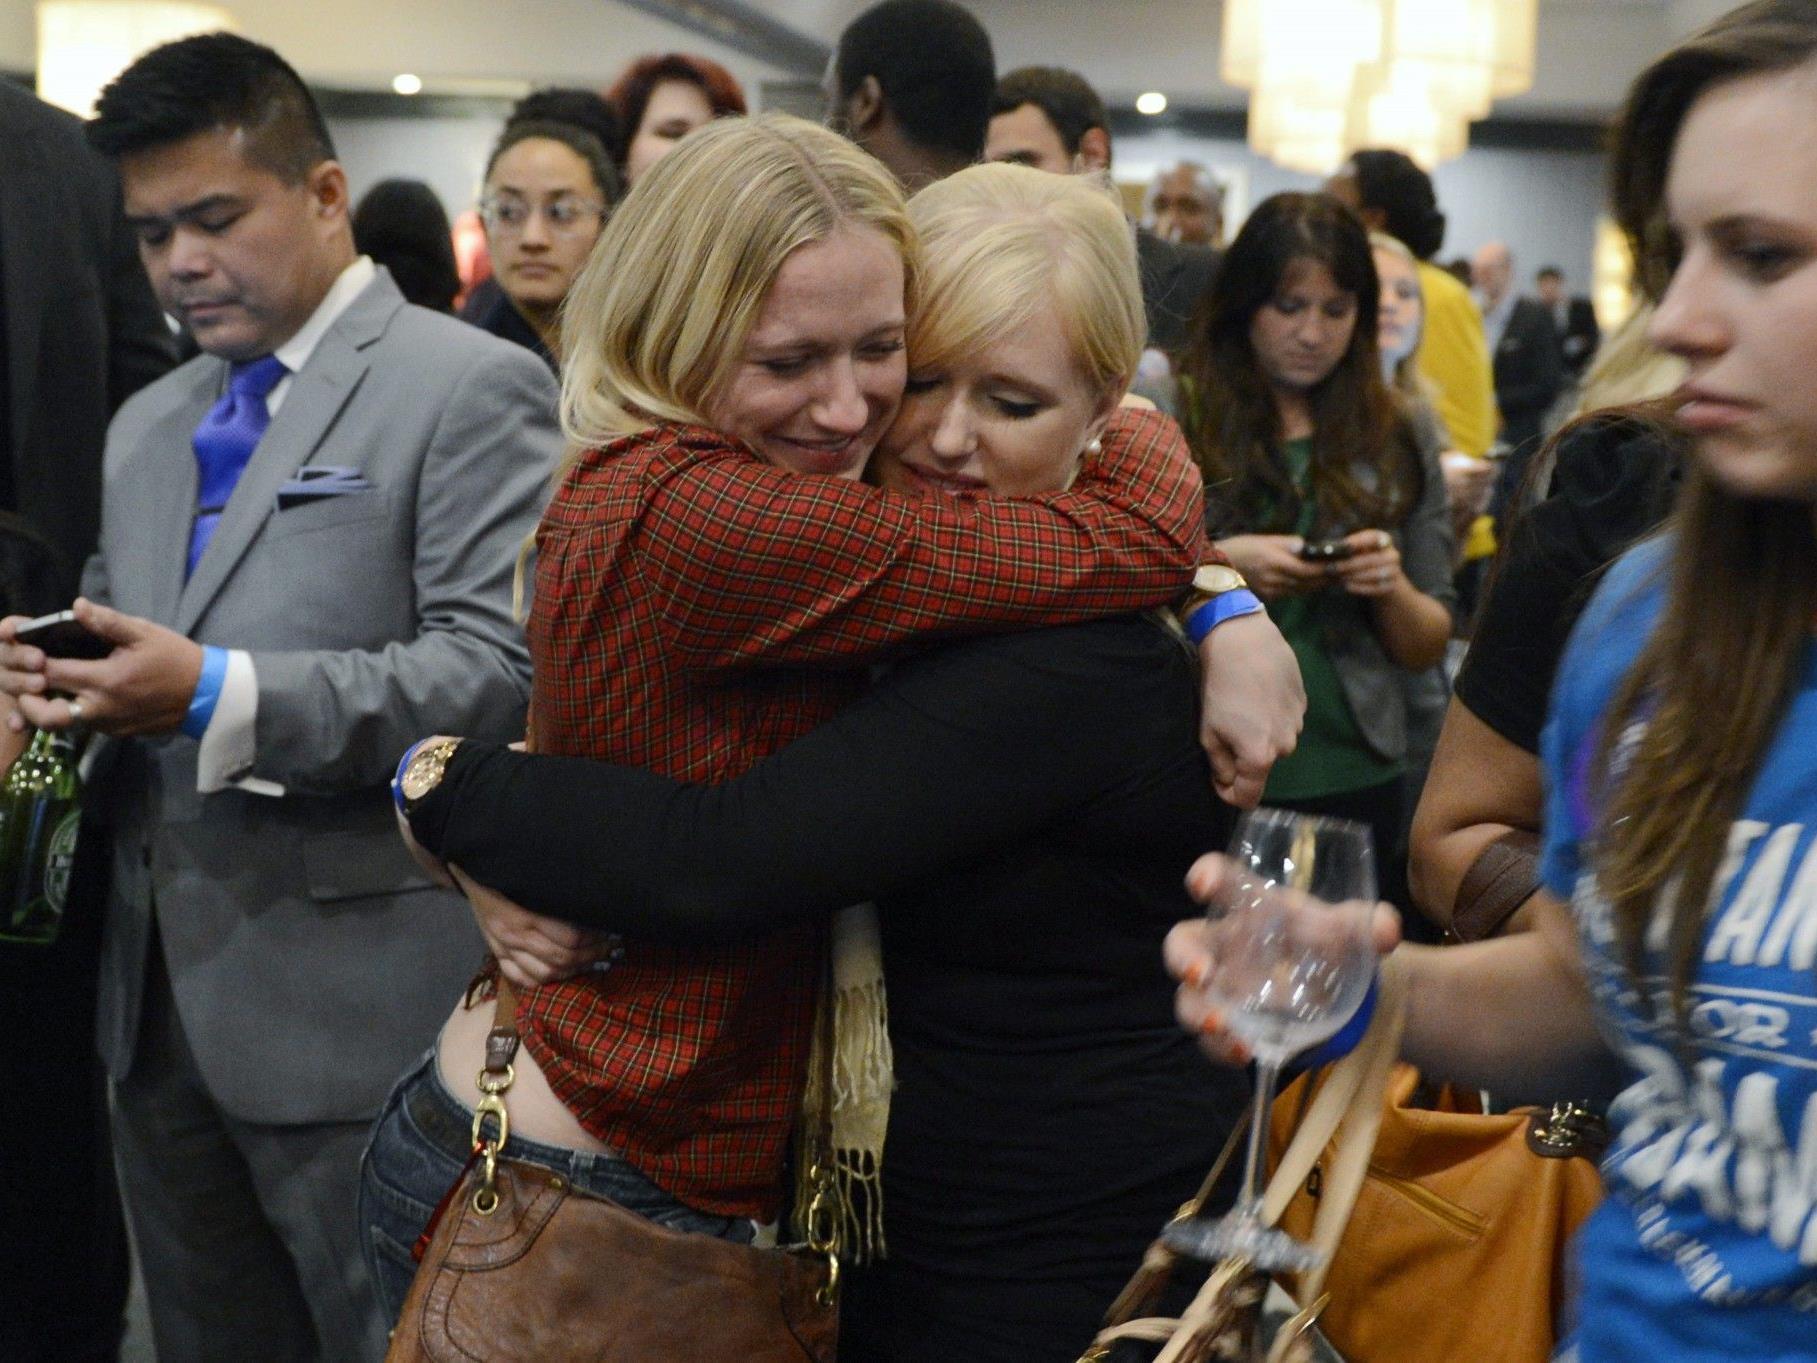 Unterstützerinnen von Barack Obama feiern den Wahlsieg des amtierenden US-Präsidenten.